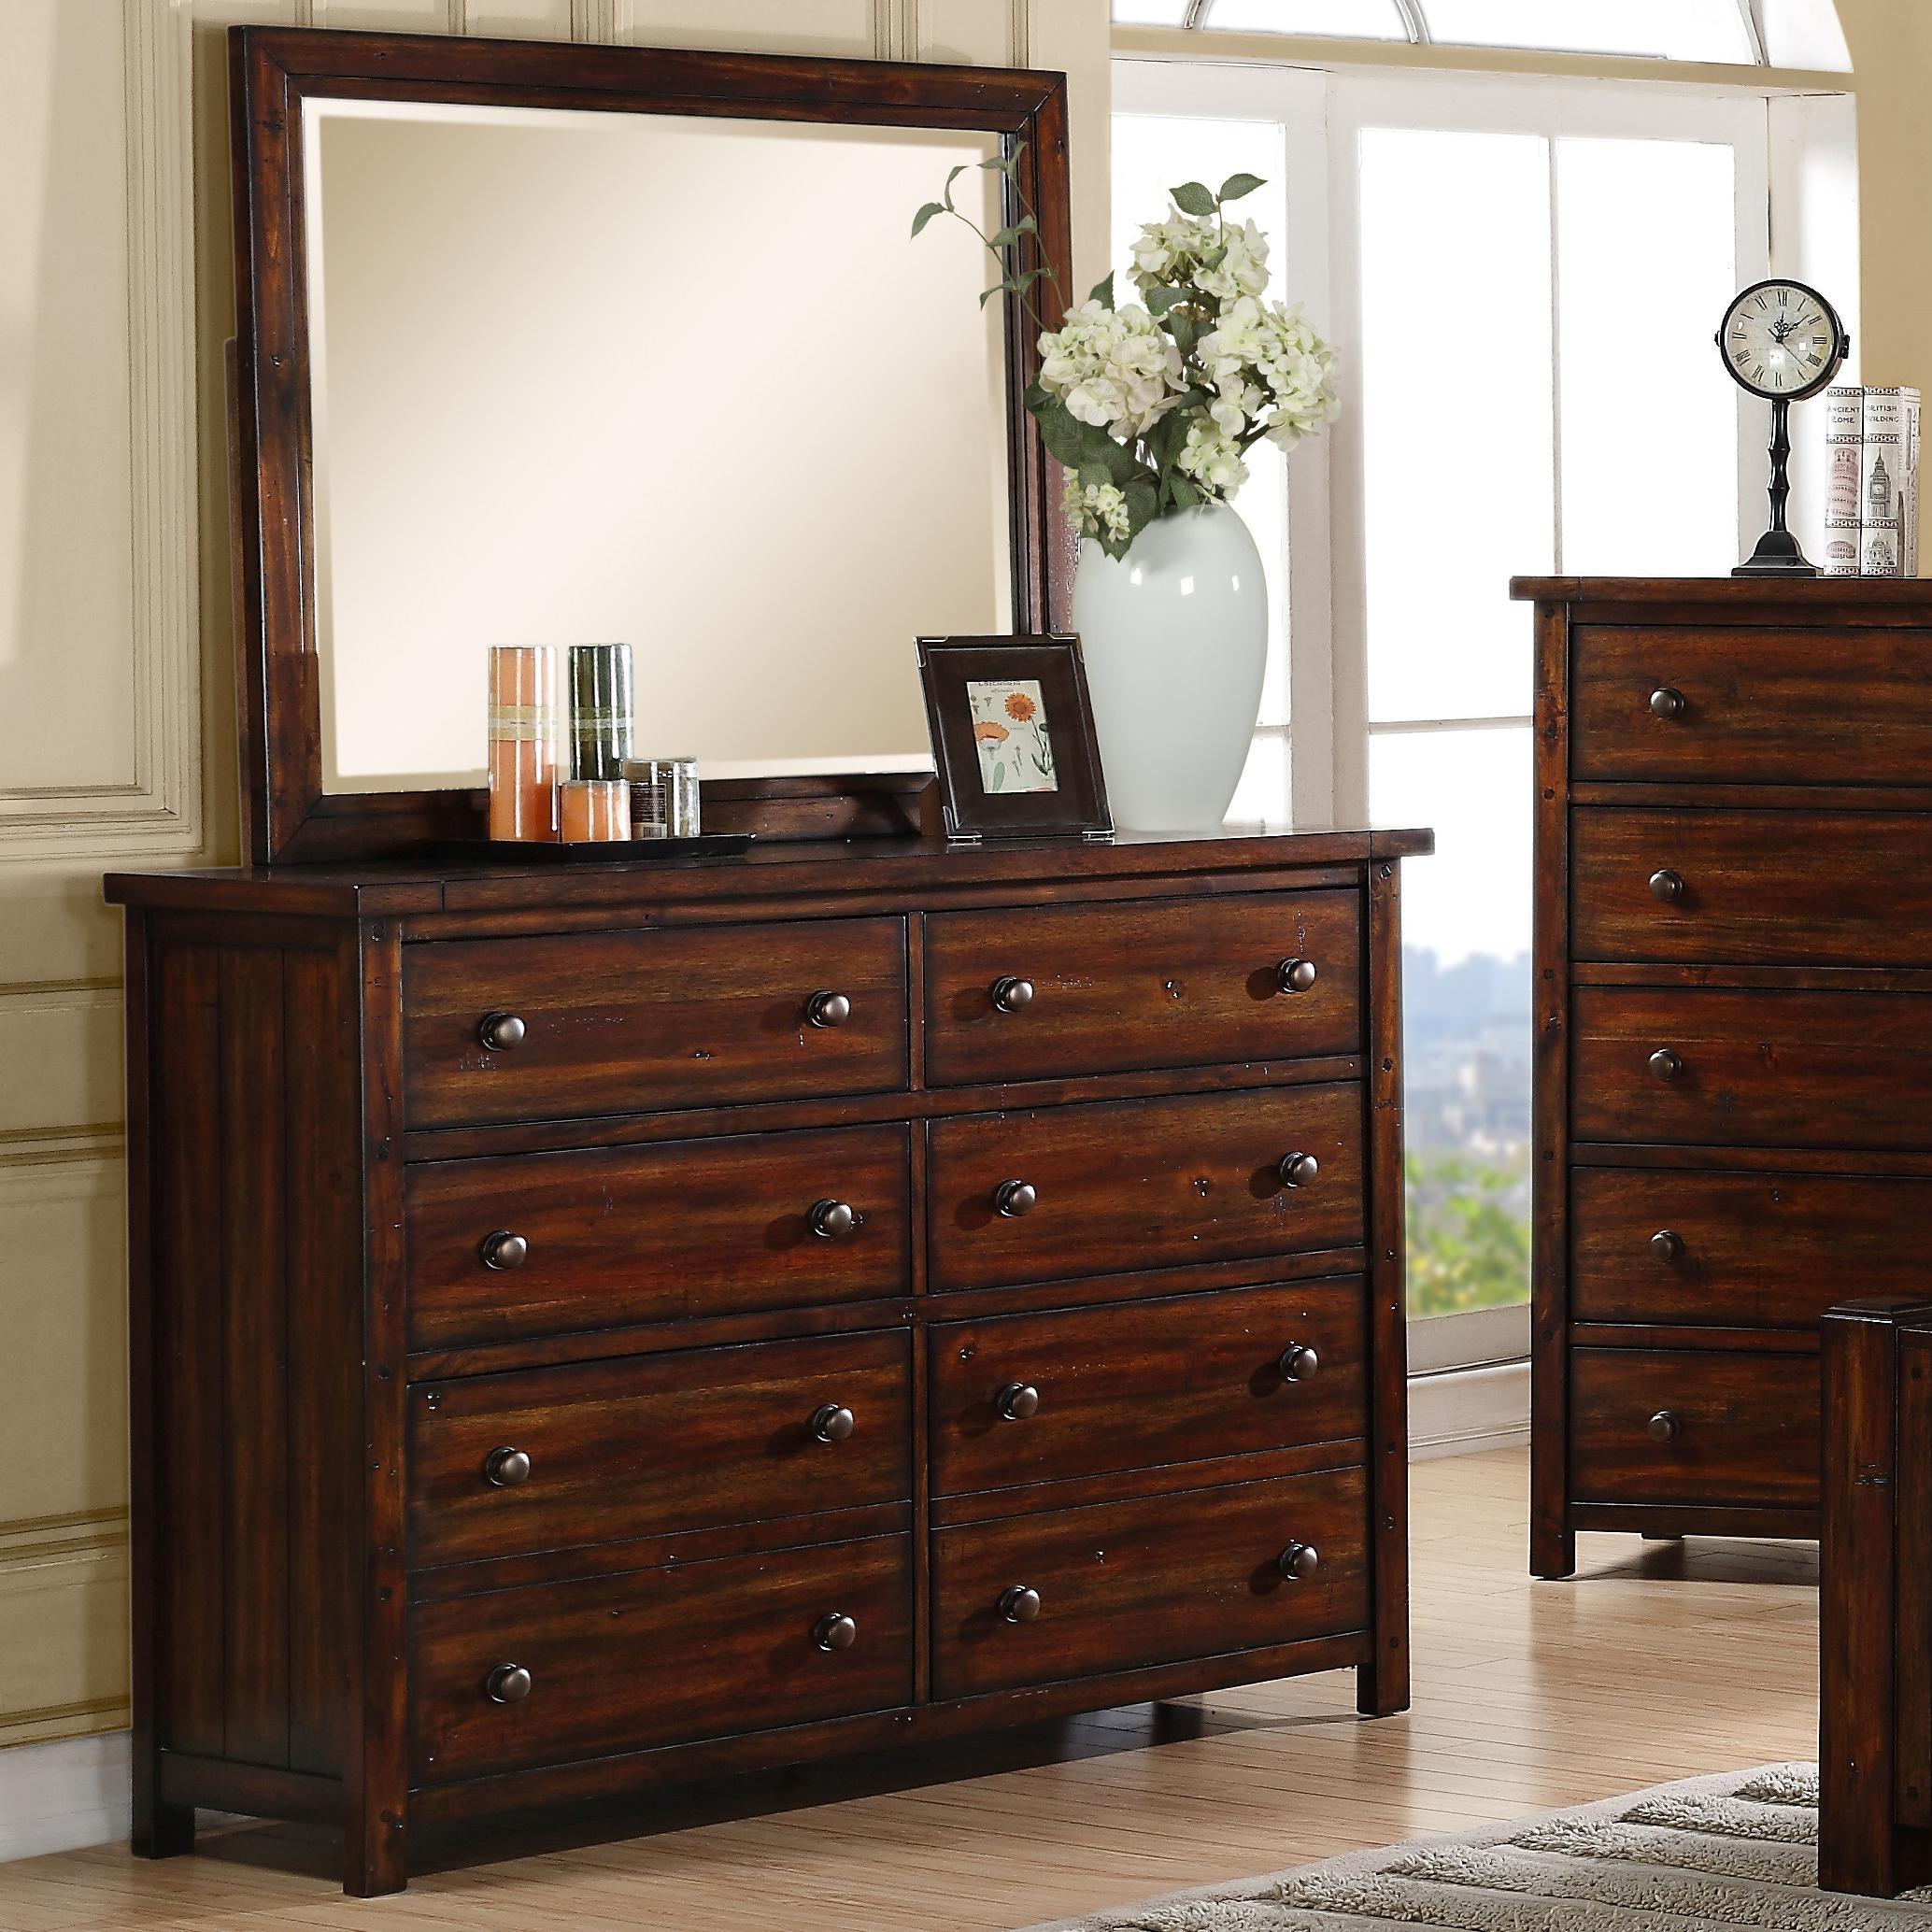 Elements International Boardwalk Dresser and Mirror Set - Item Number: DS600DR+MR